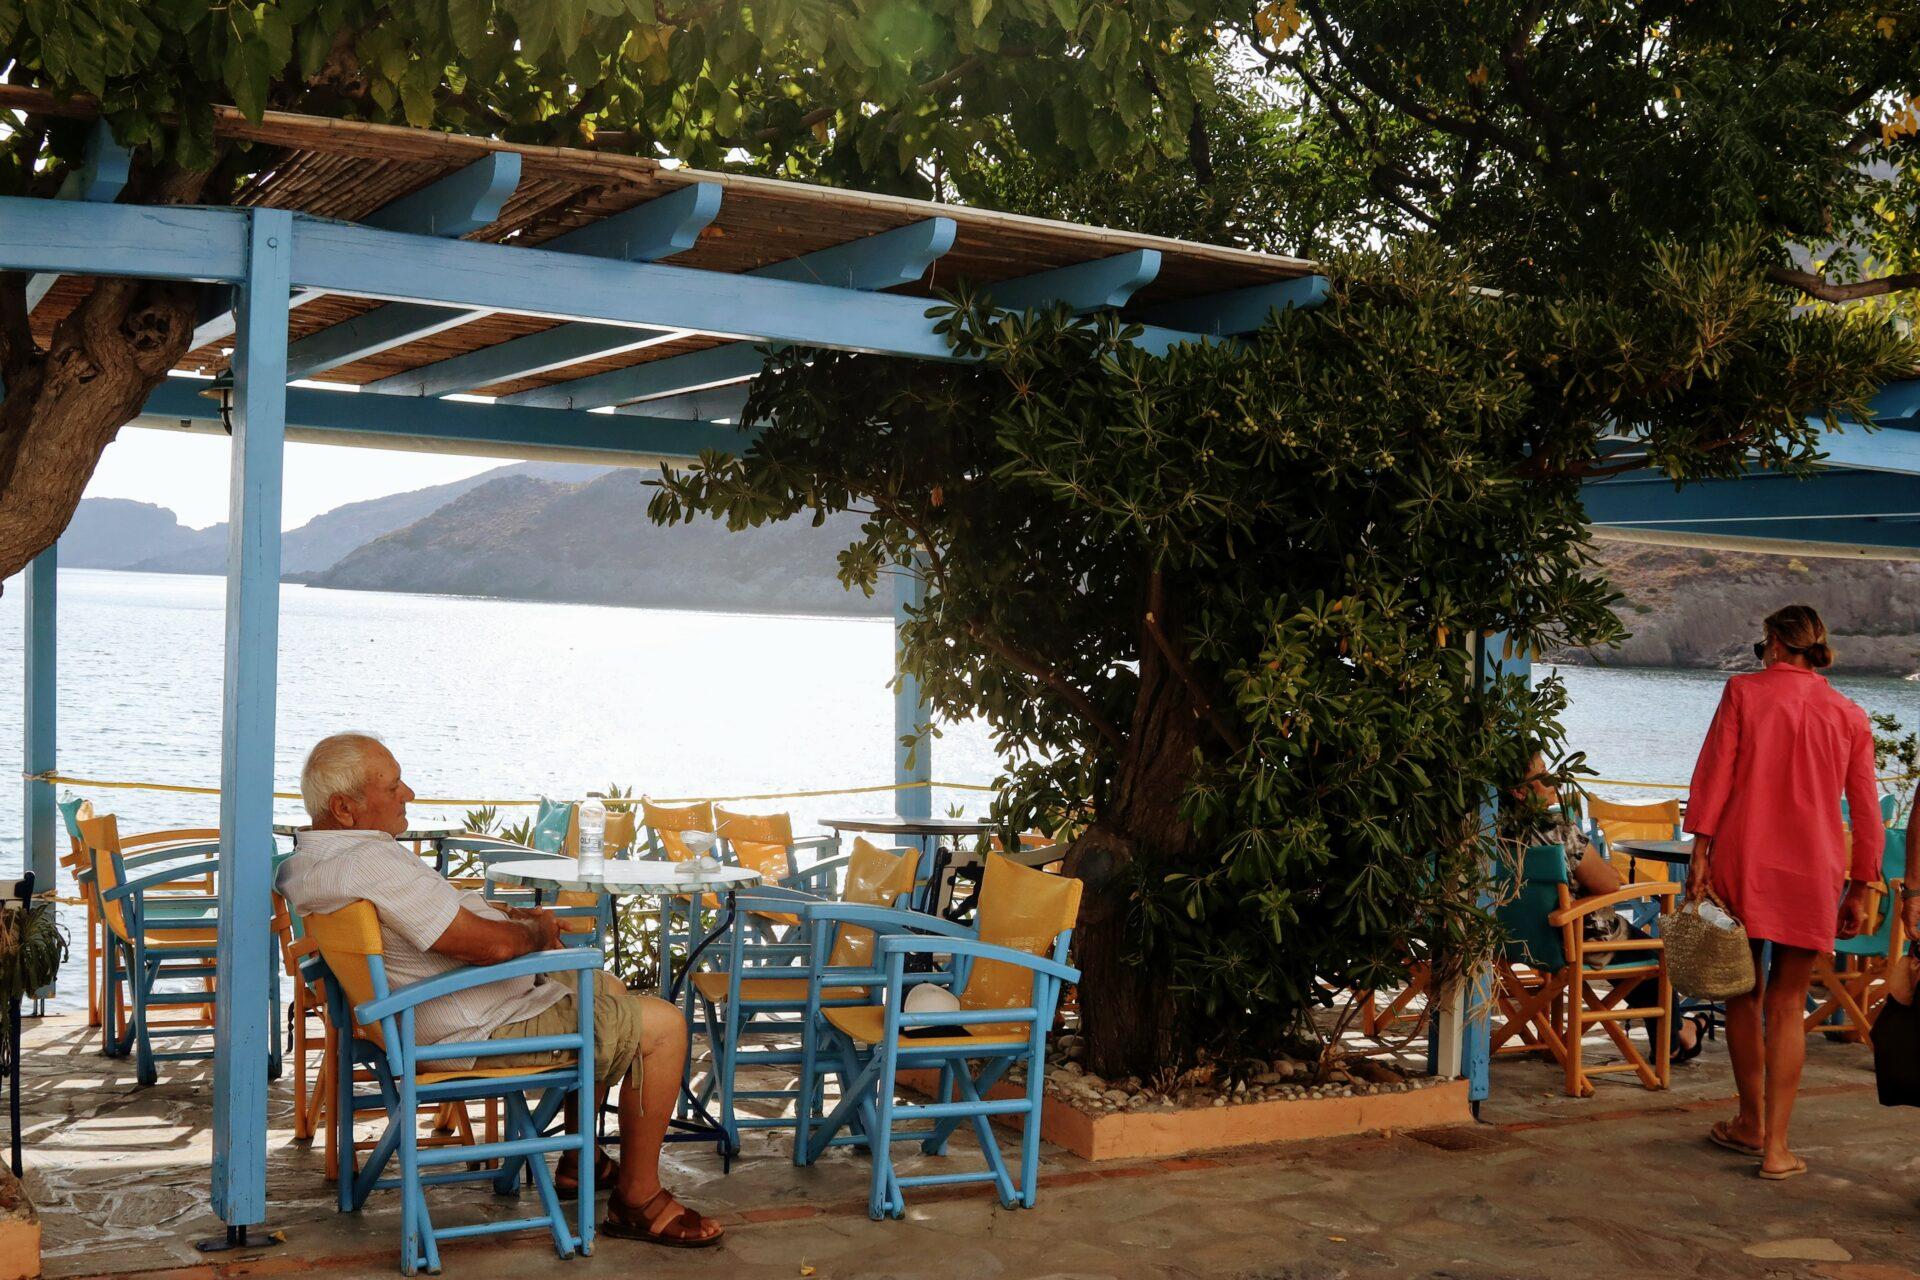 Onbekend Griekenland-Attica regio - Kythira - duuraam reizen - Reisblog